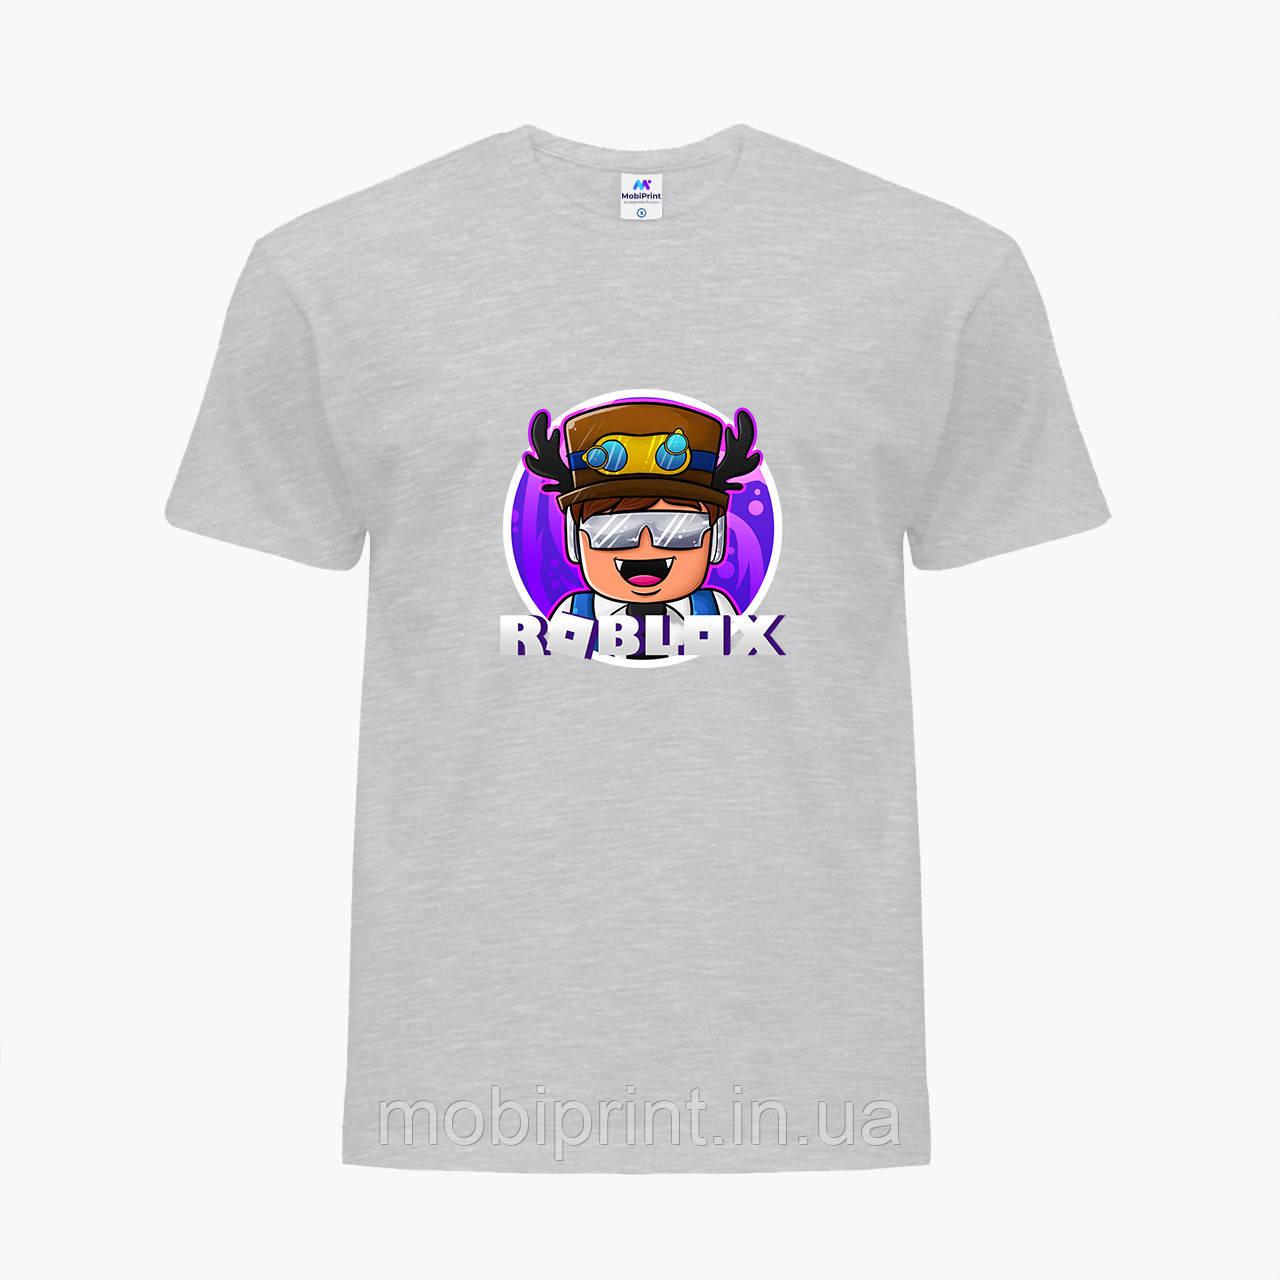 Детская футболка для мальчиков Роблокс (Roblox) (25186-1218) Светло-серый